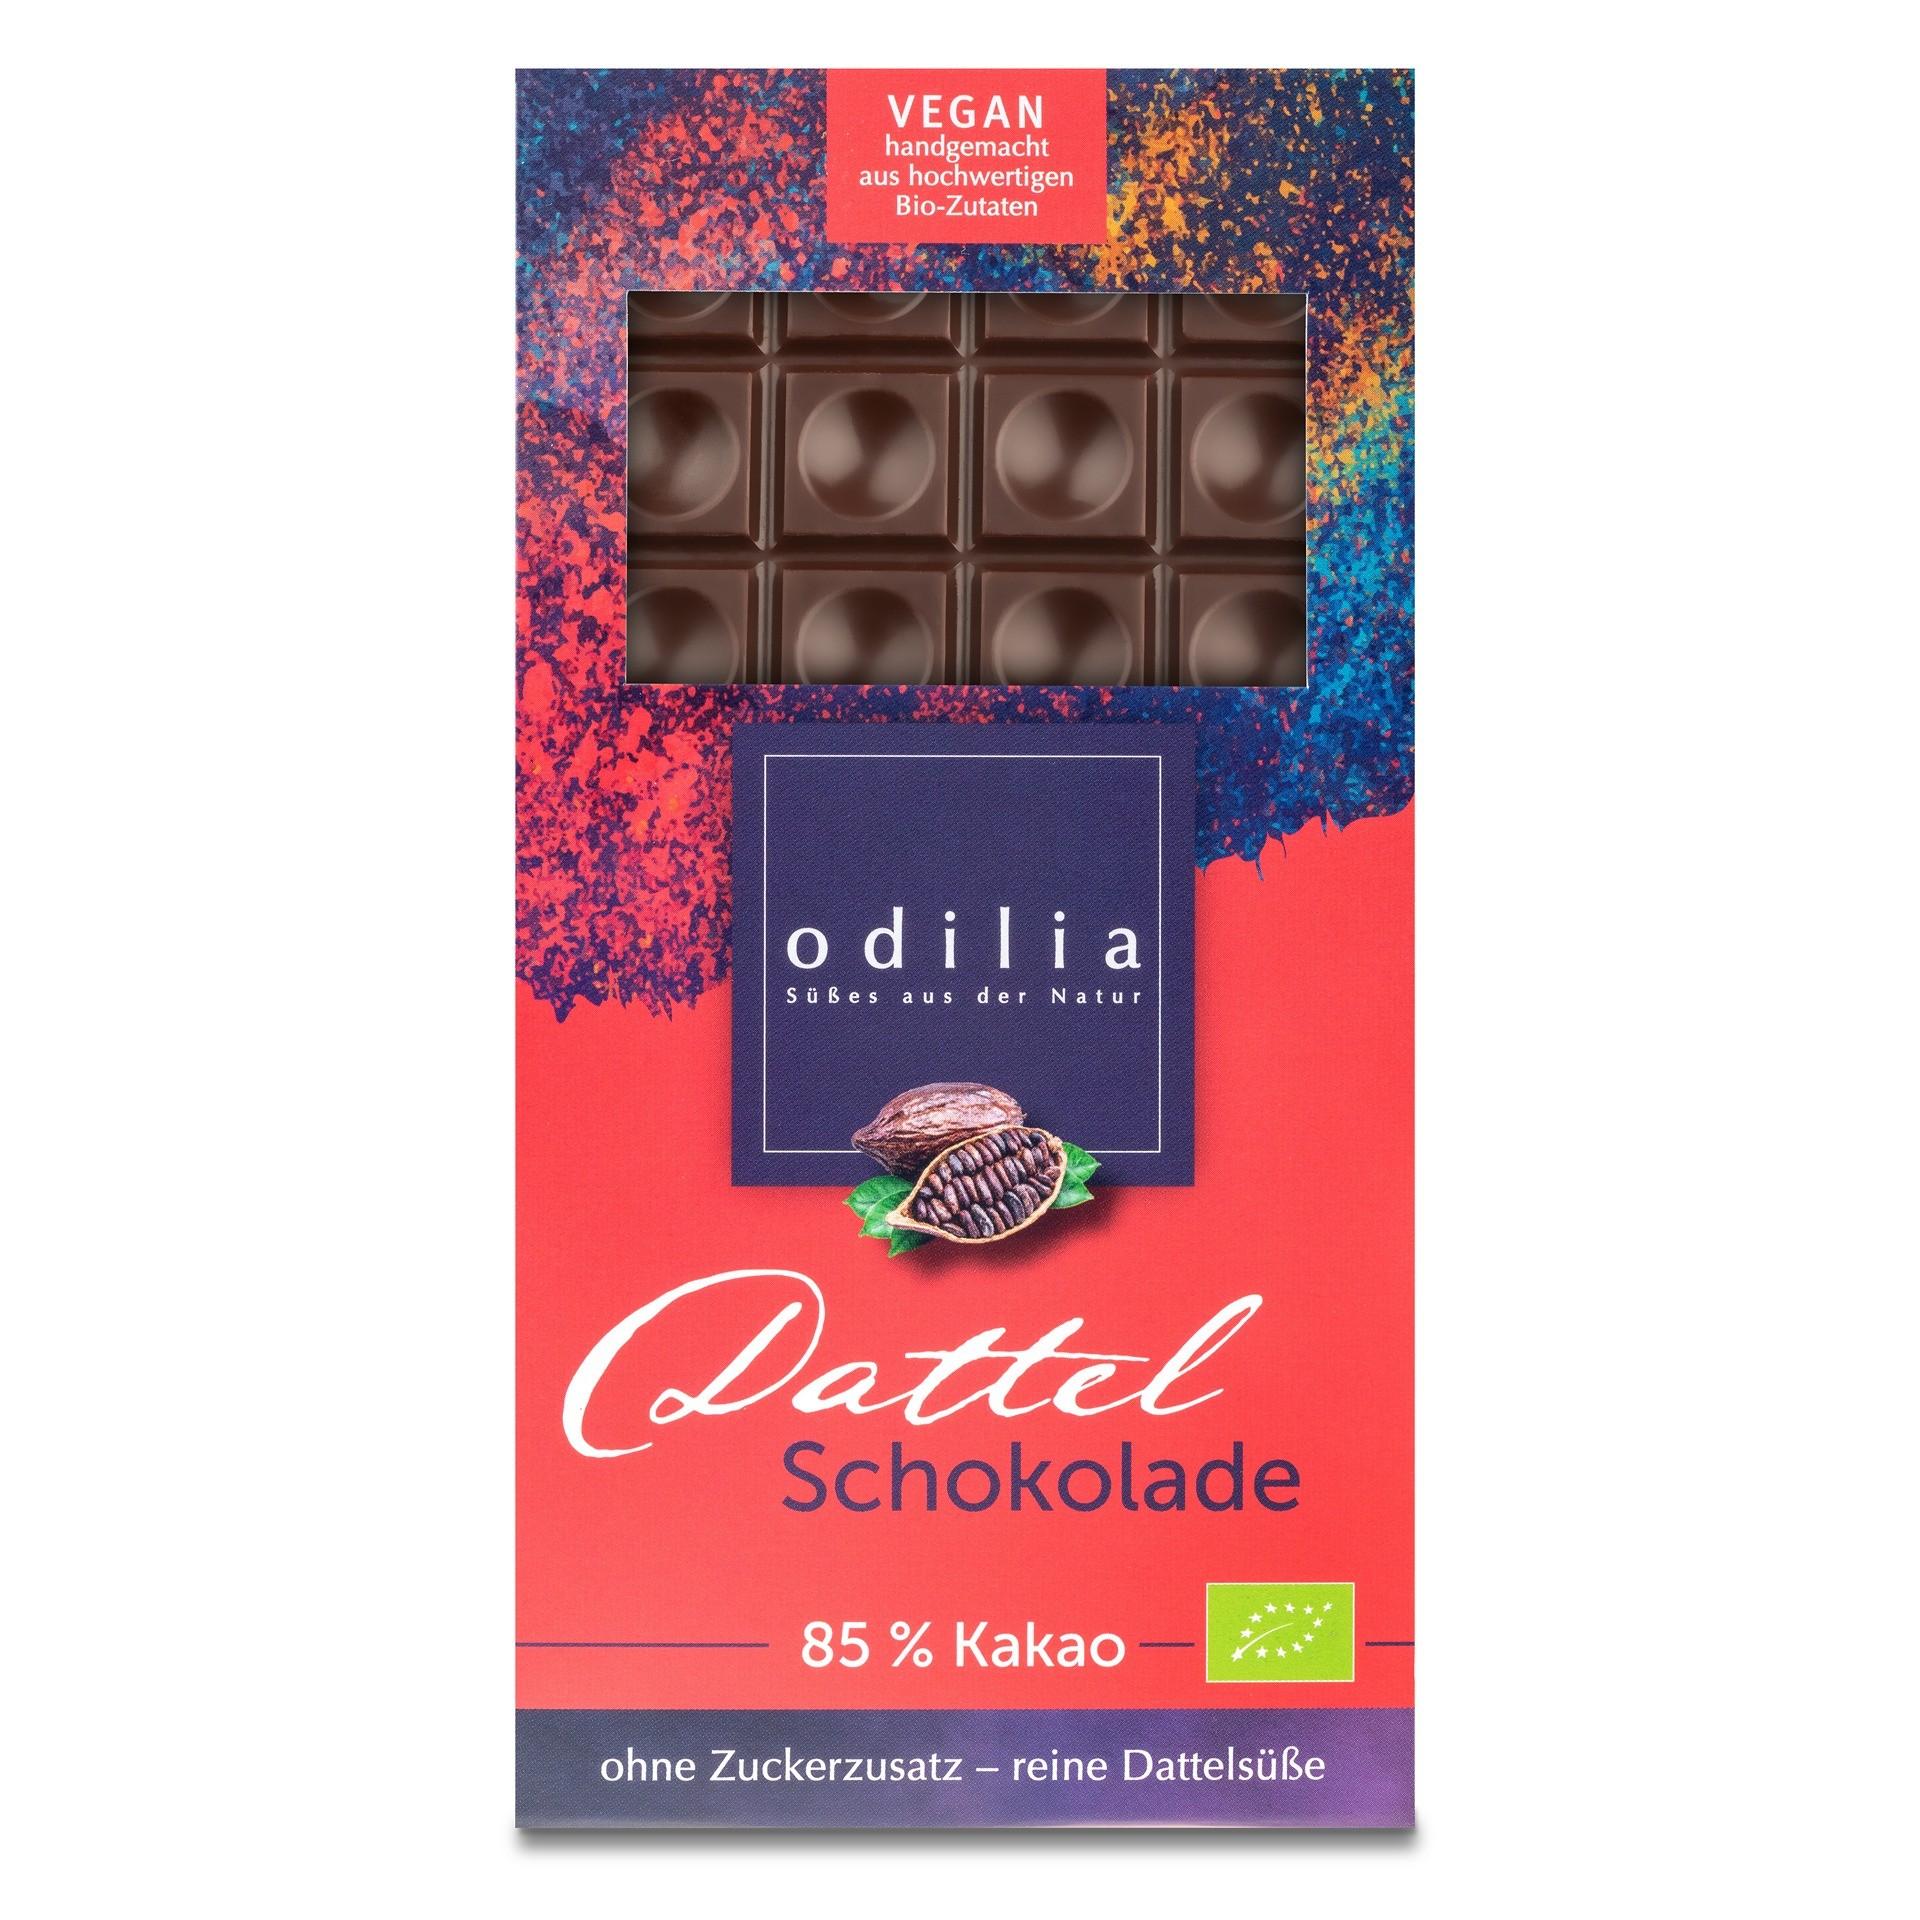 Bio Dattel Schokolade 85% Kakao